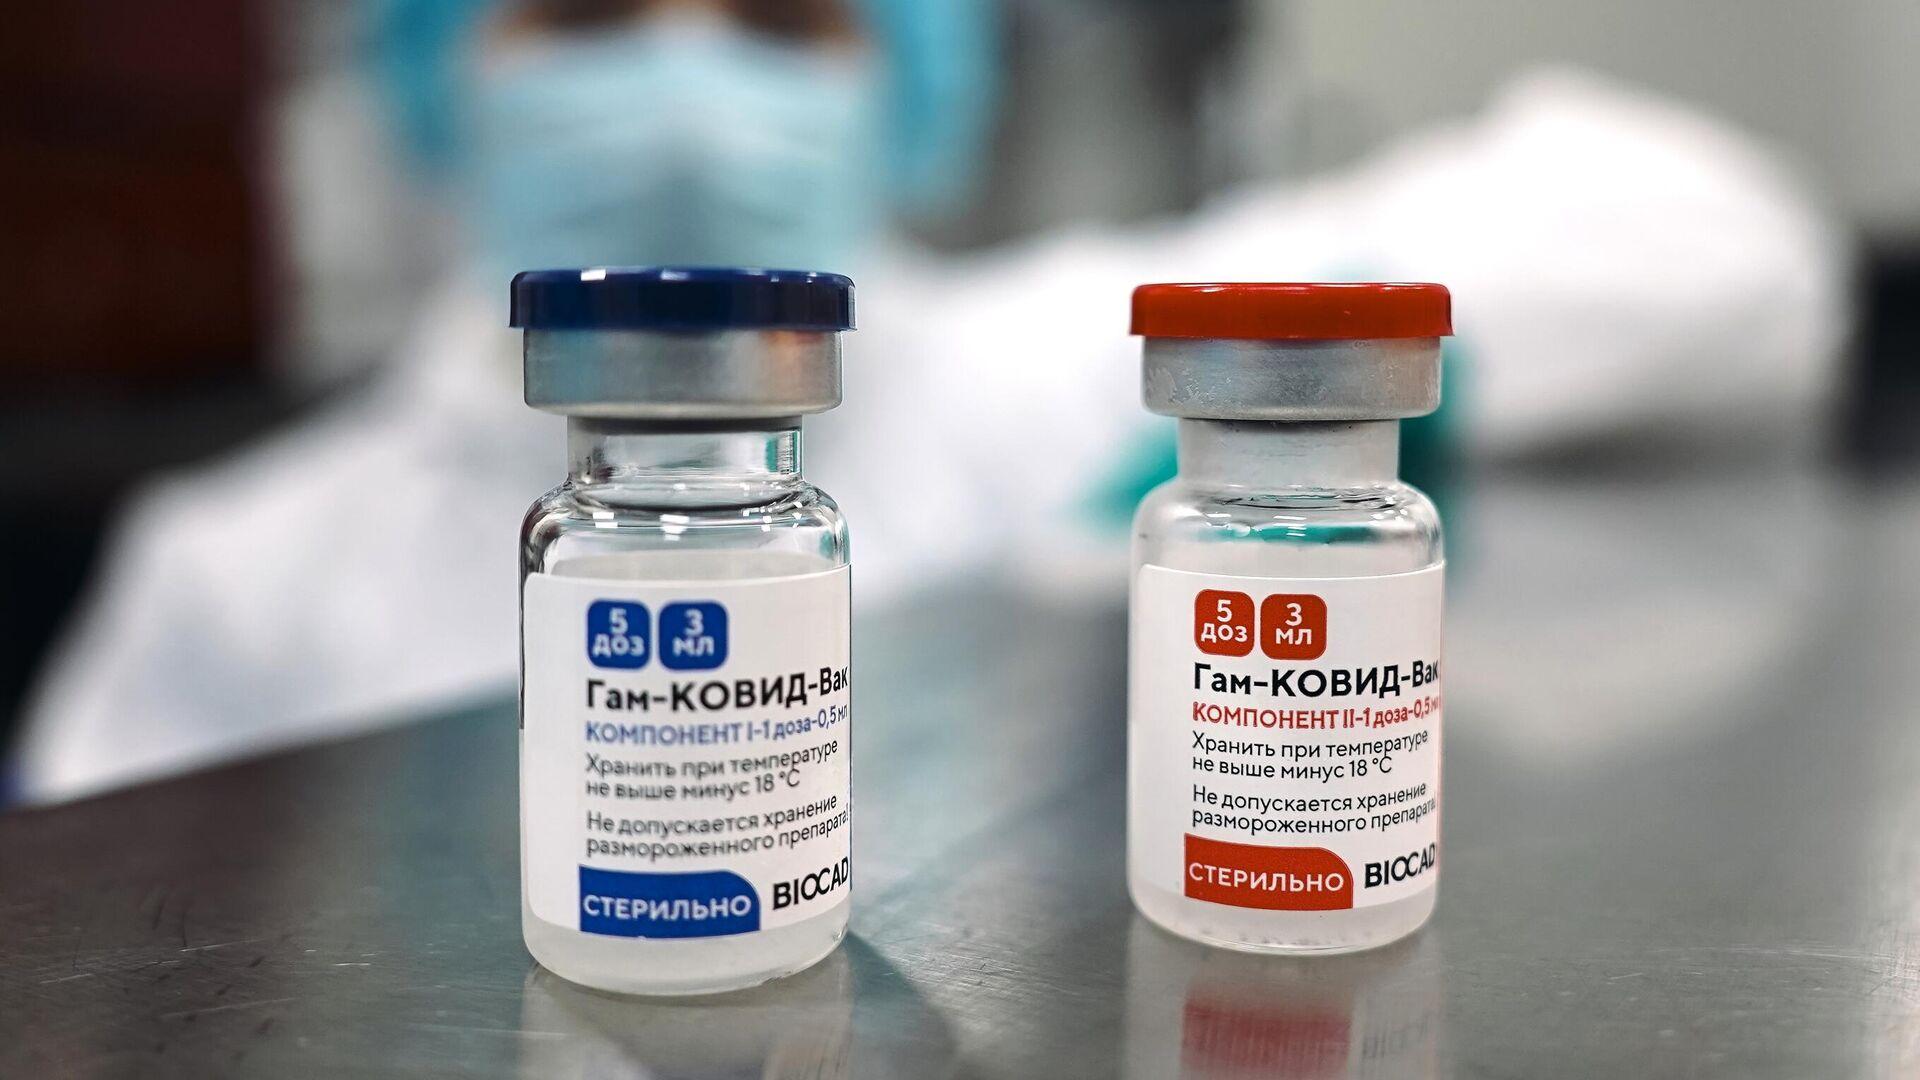 Производство российской вакцины против COVID-19 Спутник V - РИА Новости, 1920, 30.01.2021